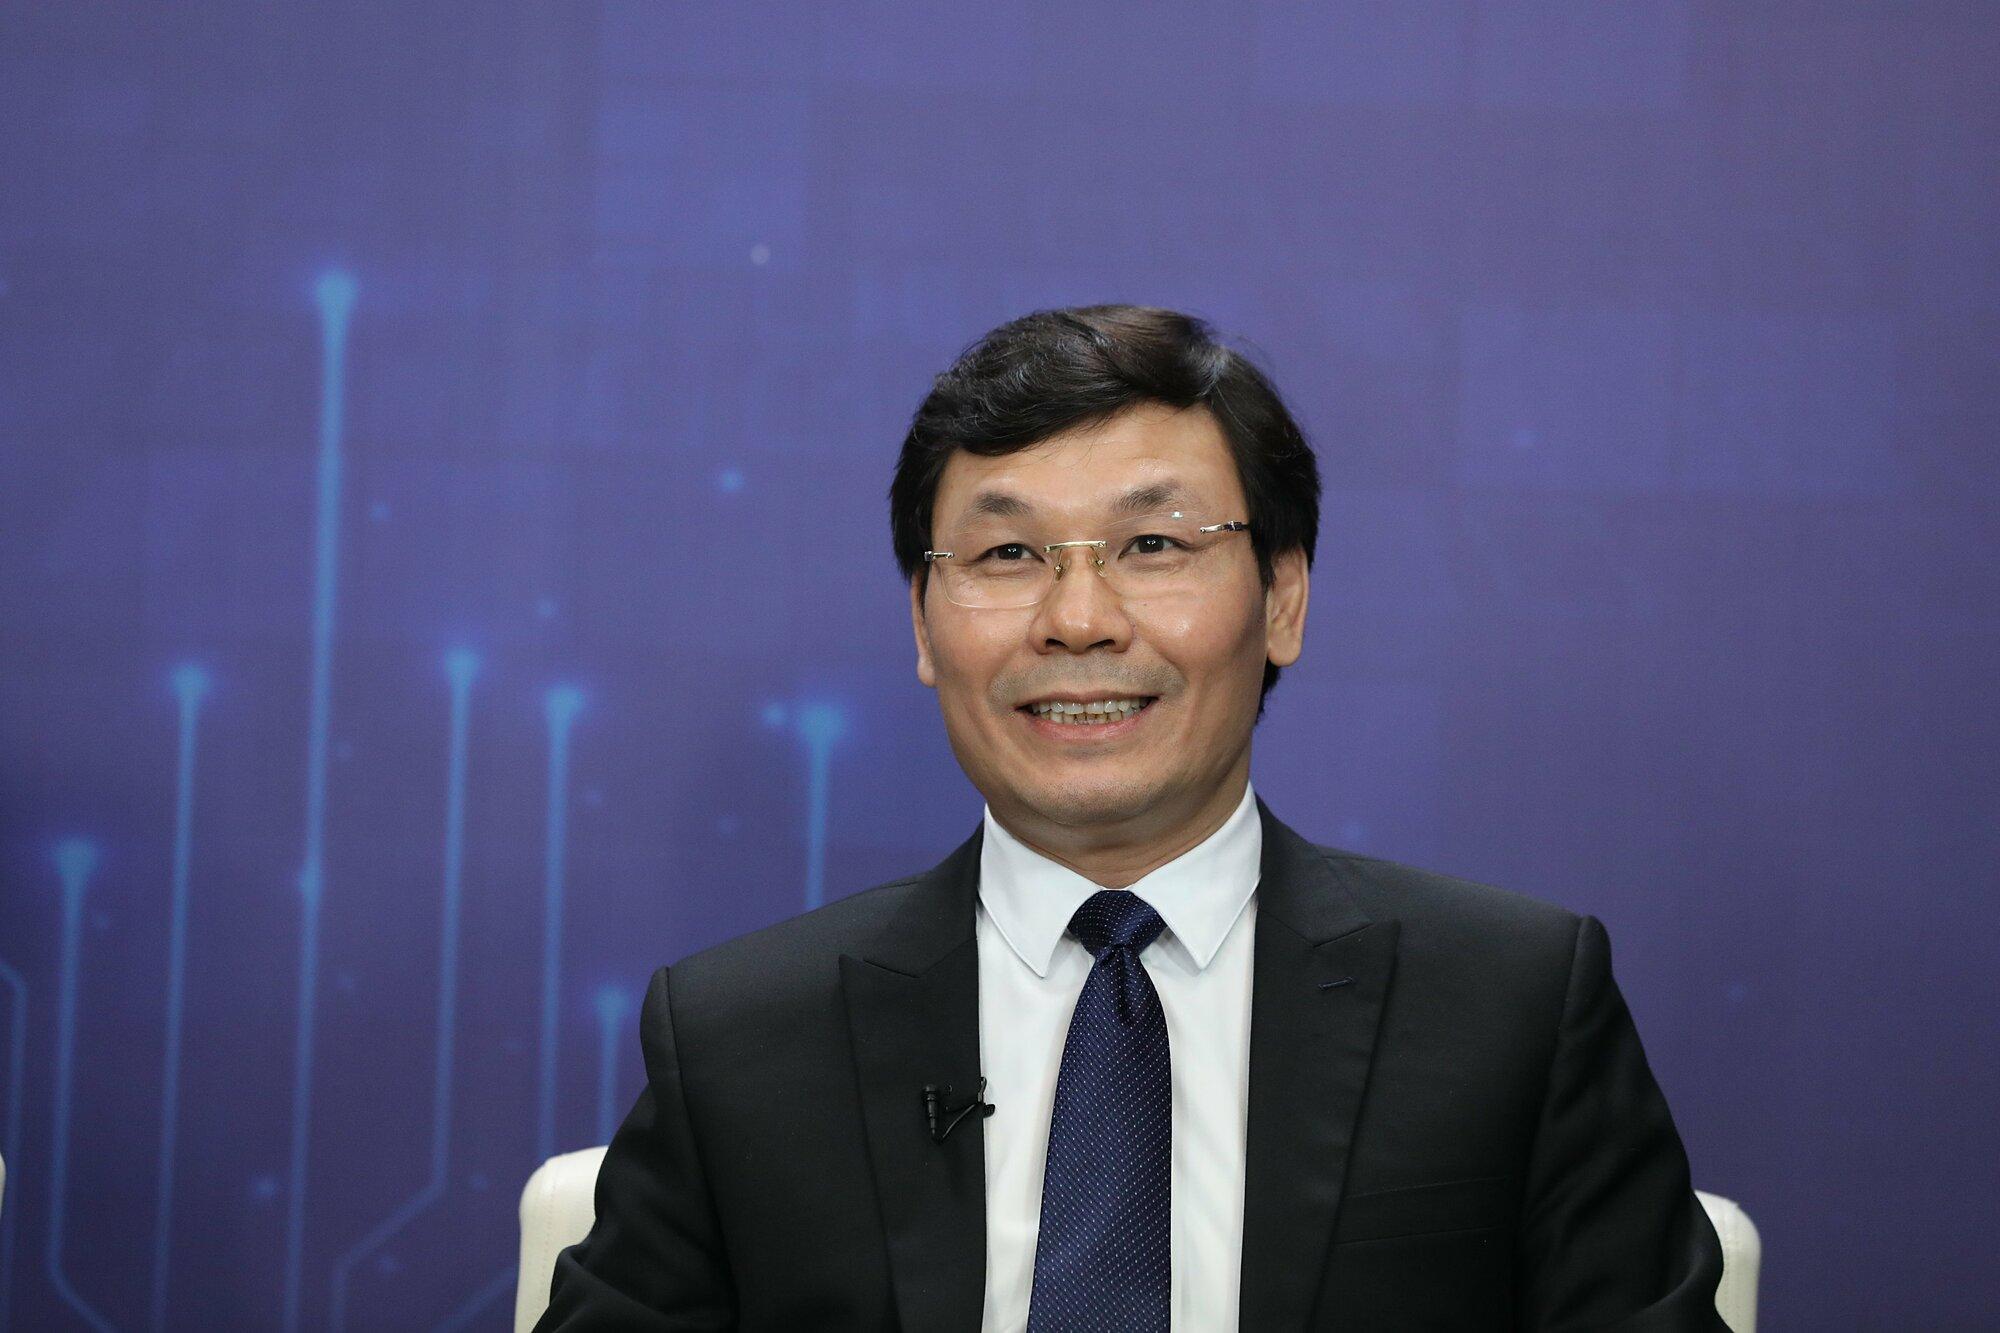 Ông Mai Hồng Anh - Giám đốc Trung tâm Nghiên cứu và Phát triển MobiFone cho rằng, nếu không bắt đầu thử nghiệm 5G, sẽ hạn chế sự phát triển trong nhiều lĩnh vực.